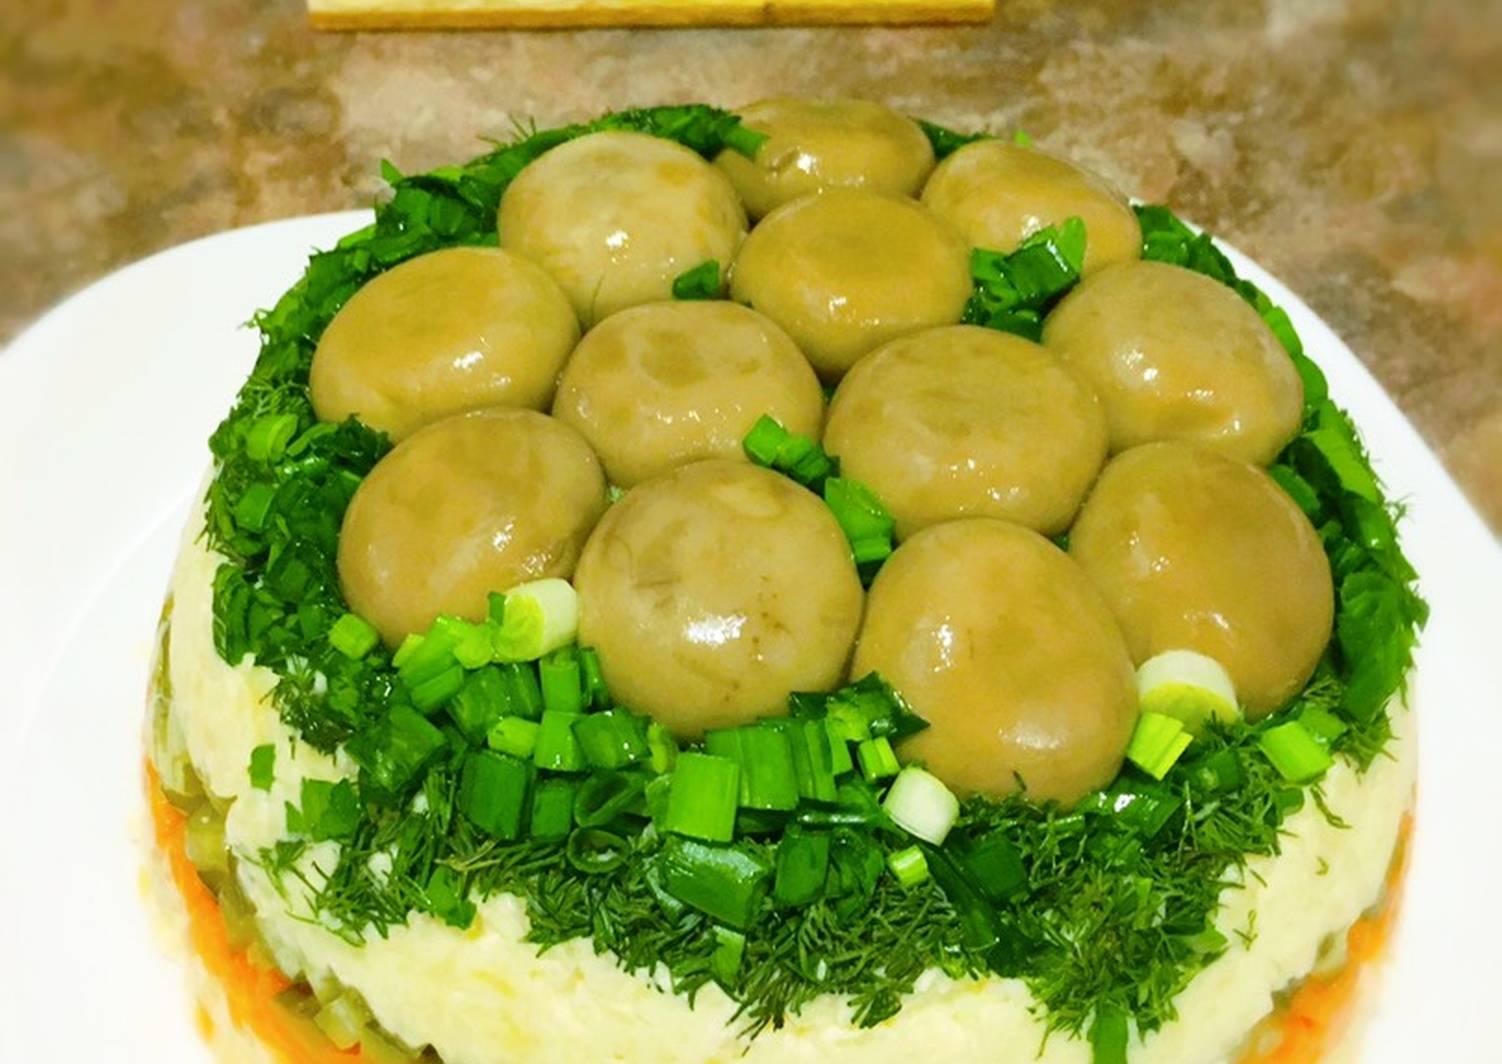 фото всю салат грибная поляна рецепт в картинках барнауле продают дизайнерскую